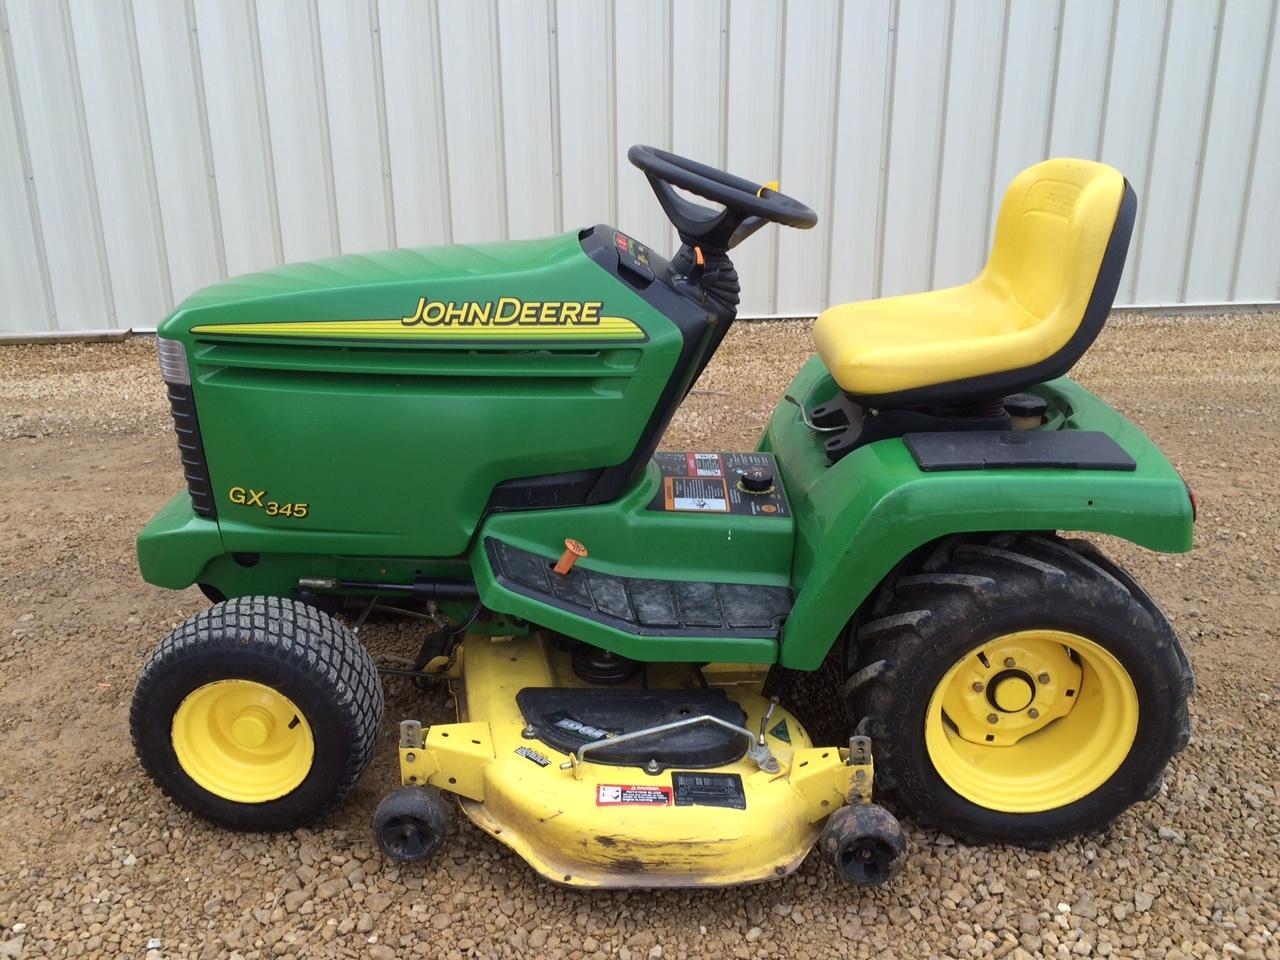 John Deere GX345 Lawn & Garden Tractors for Sale | [53547]